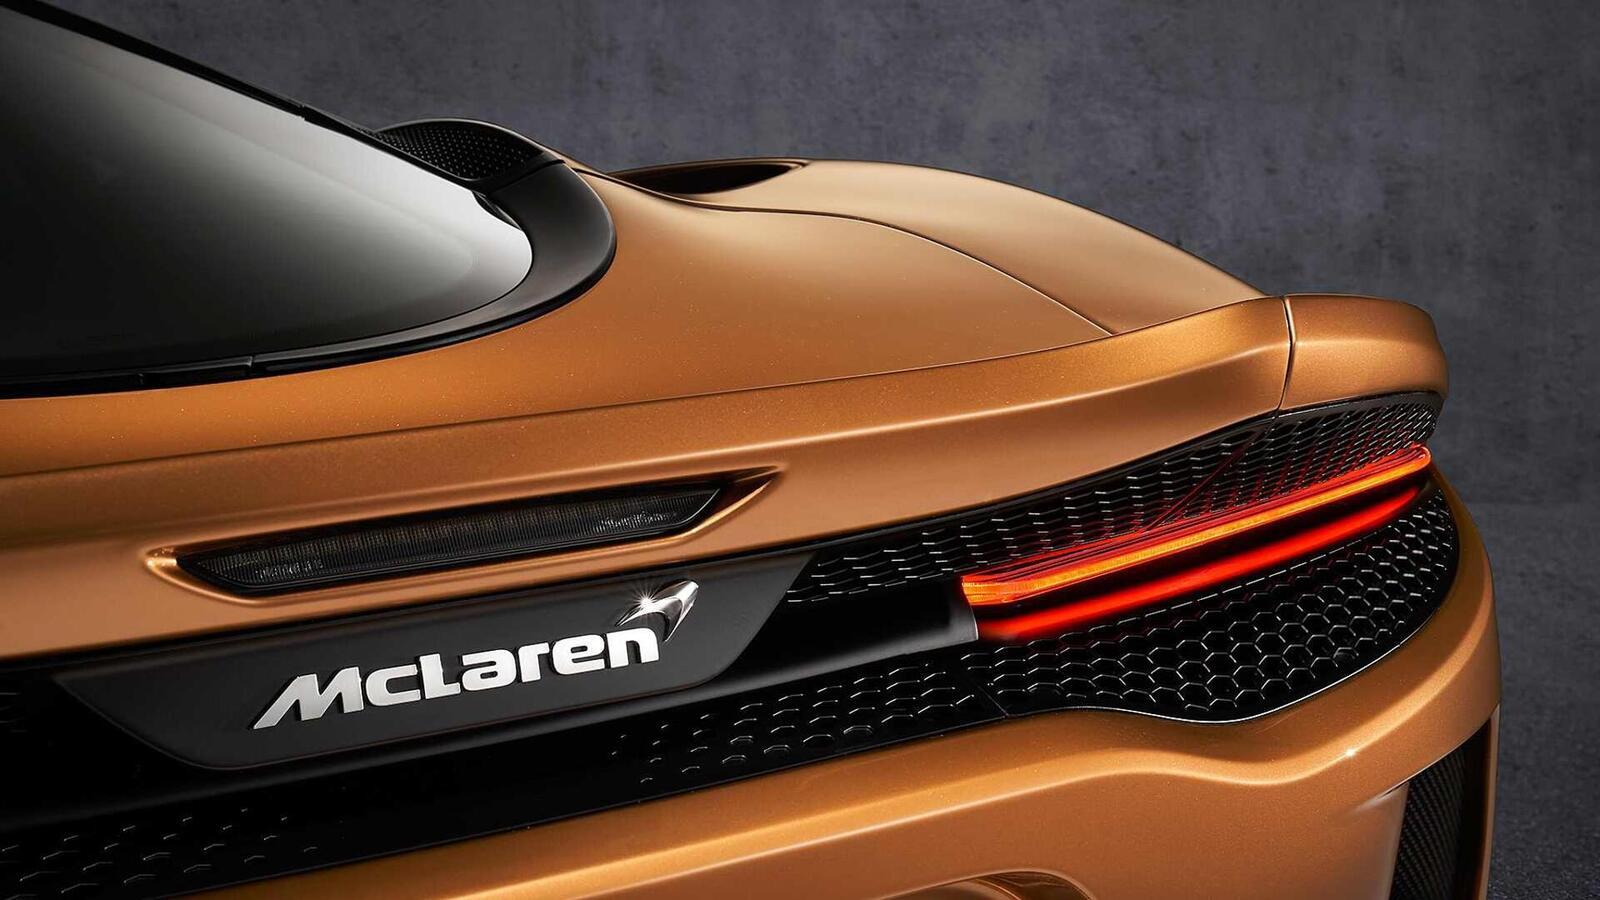 McLaren giới thiệu siêu xe GT 2020 hoàn toàn mới: Động cơ mạnh mẽ và cabin thoải mái - Hình 26